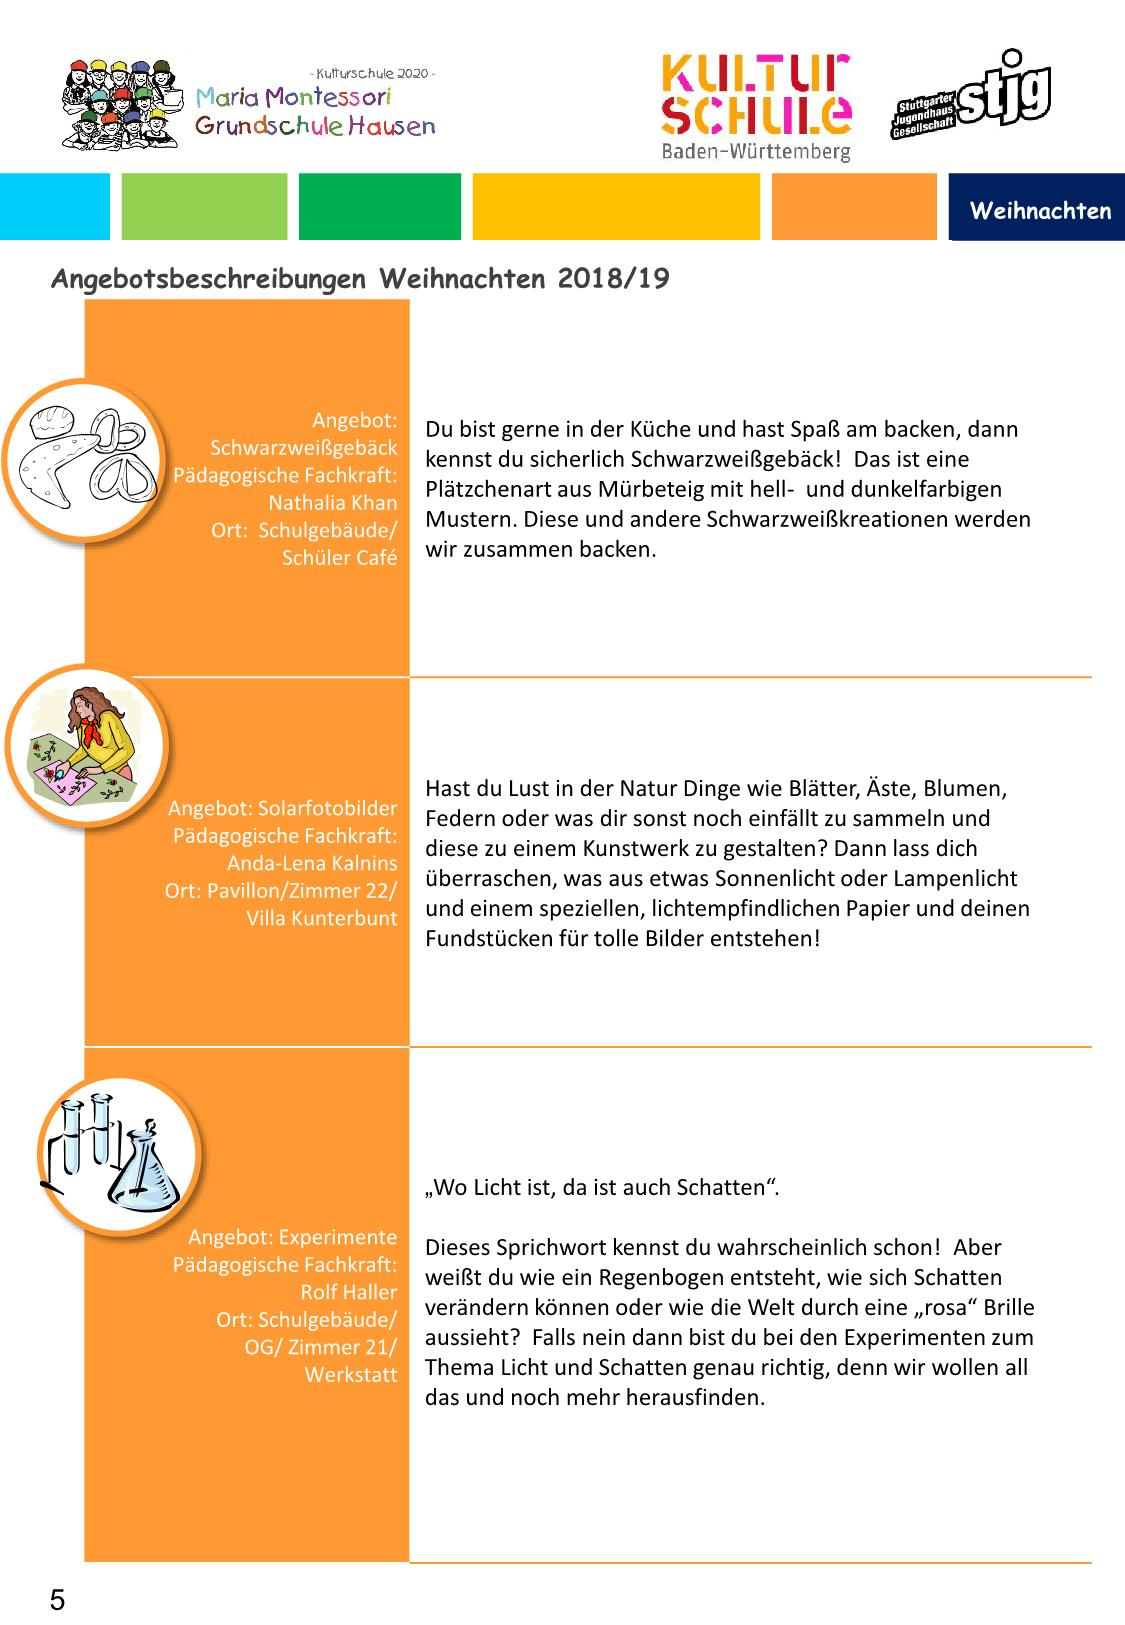 Ganztagesschule Maria Montessori Grundschule Hausen